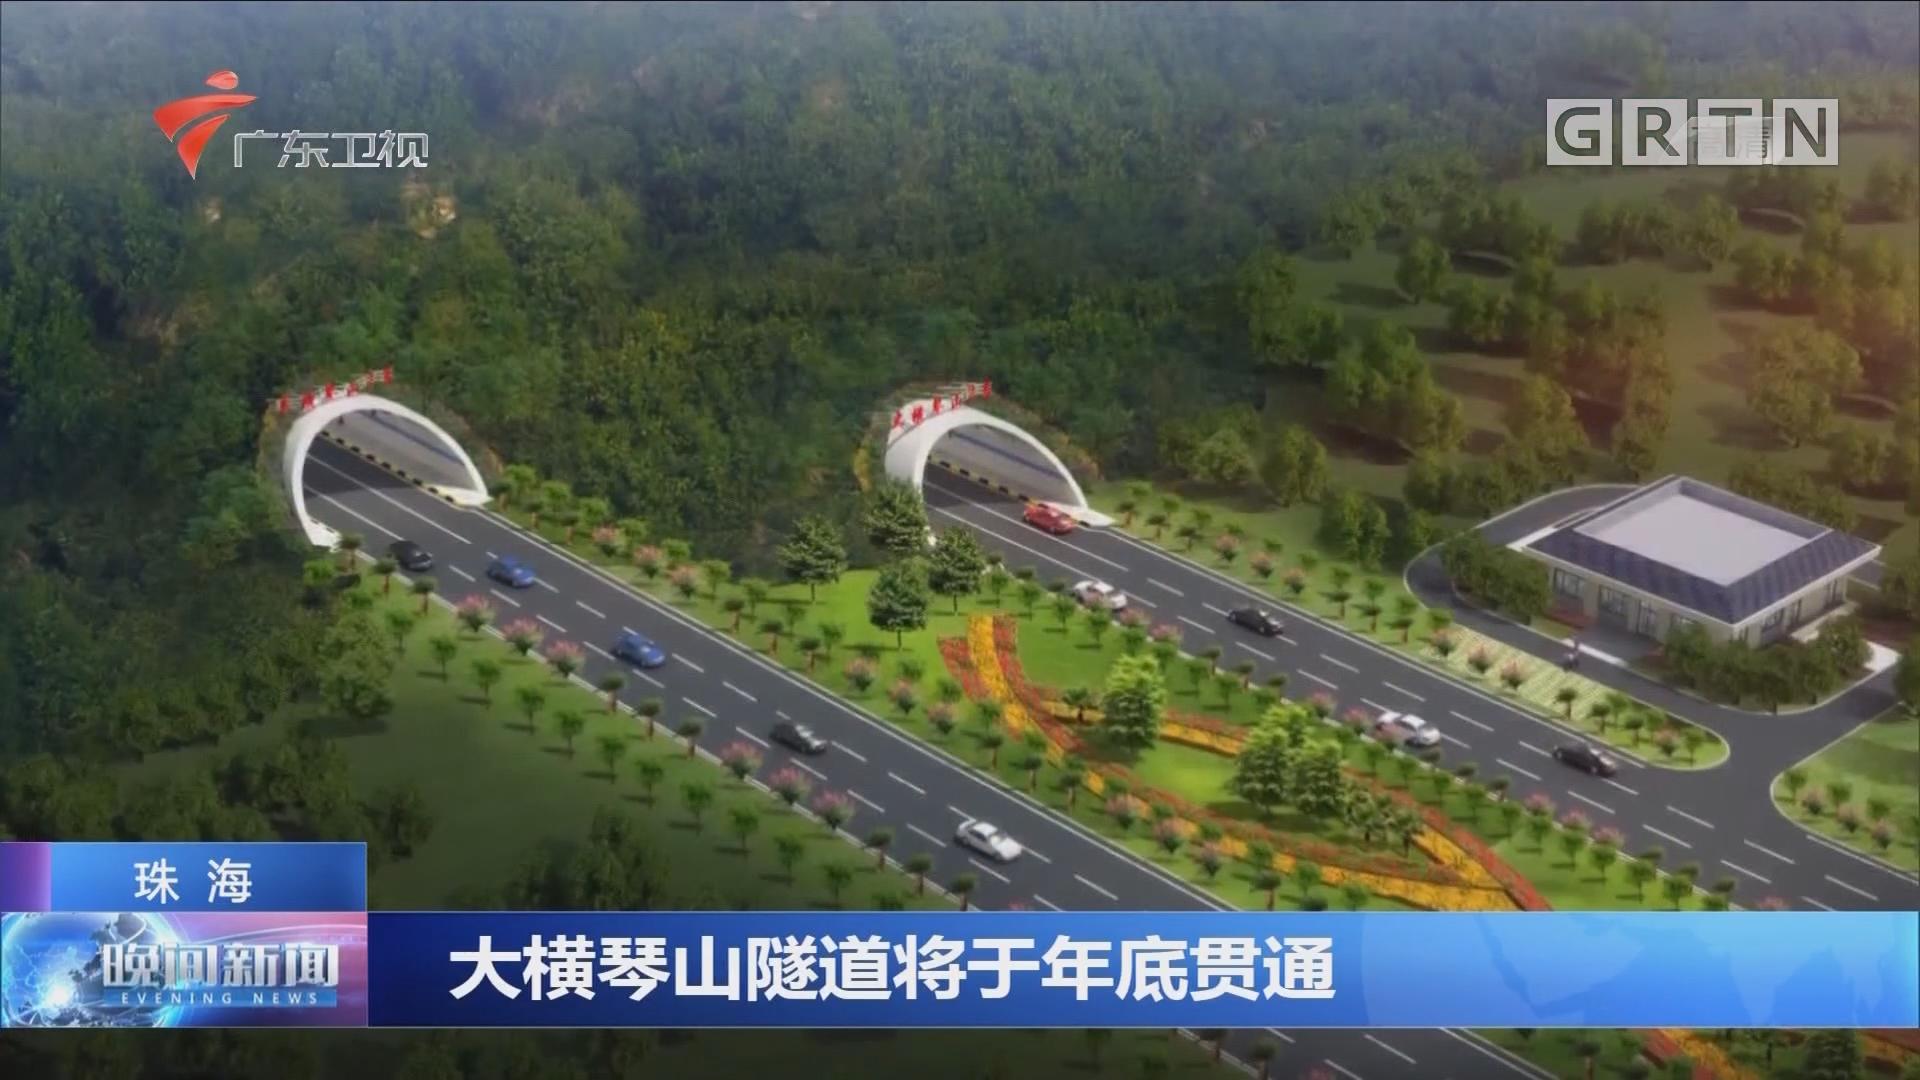 大横琴山隧道将于年底贯通